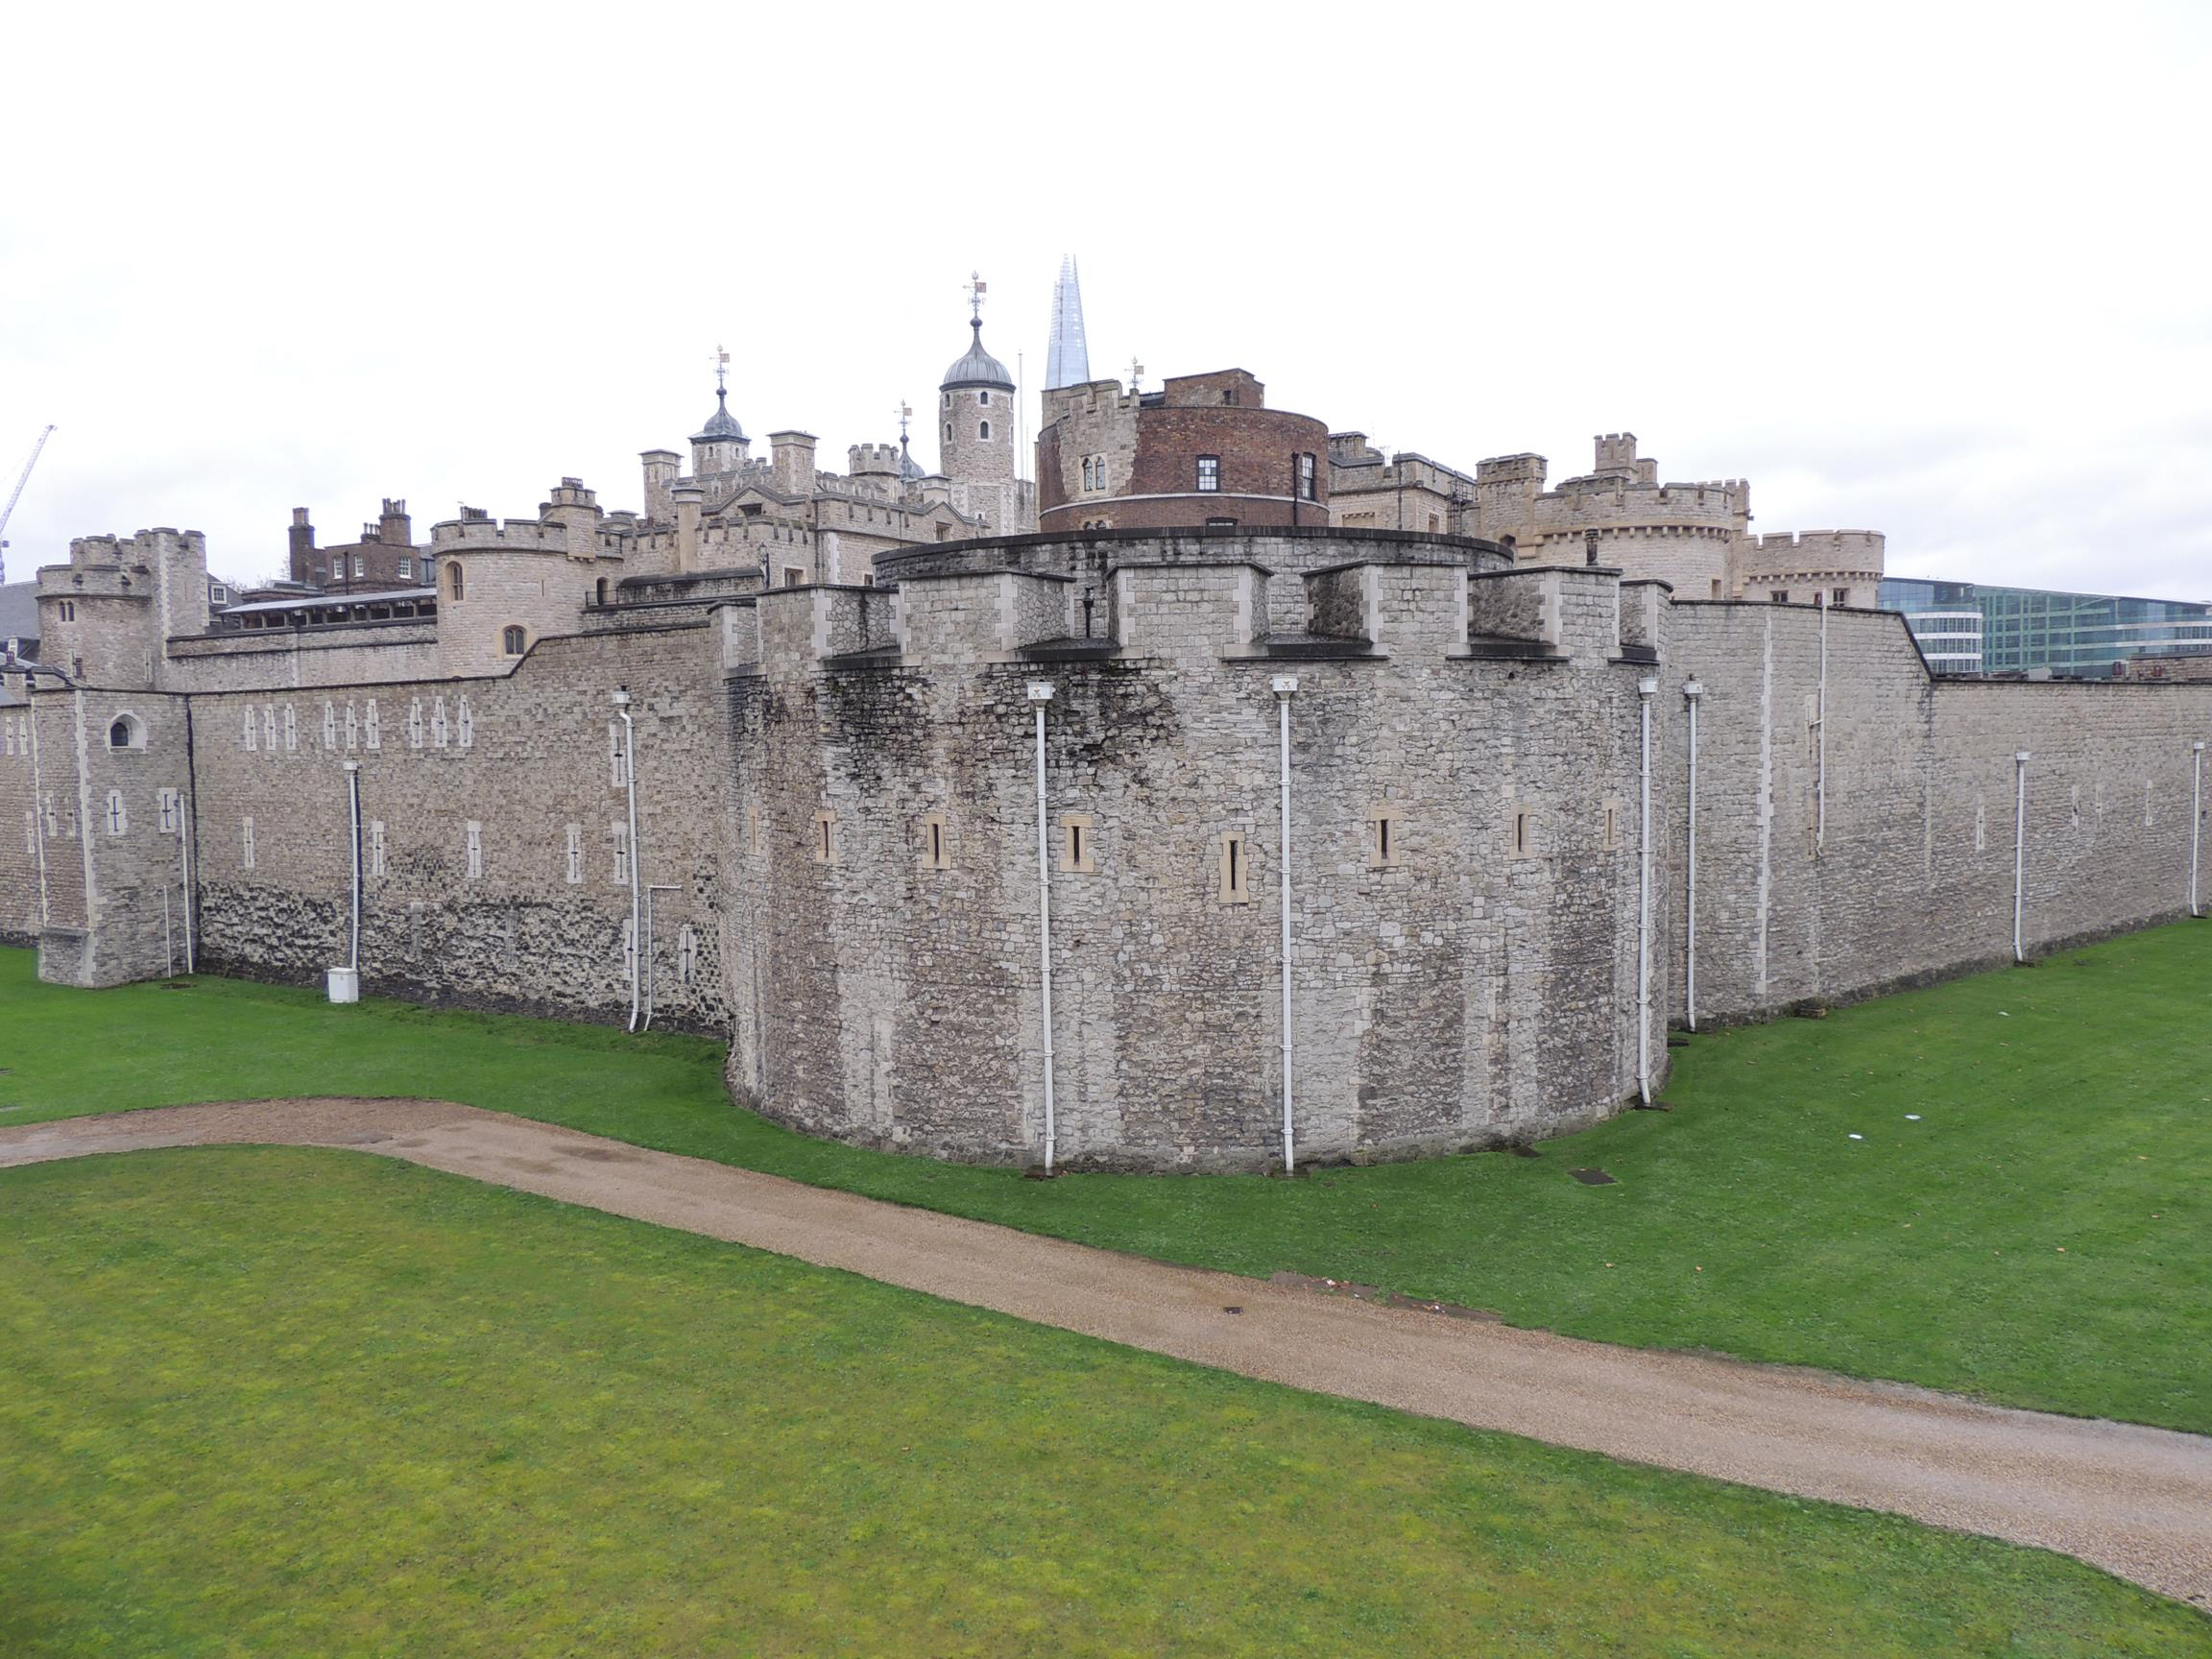 Torre de Londres, em Londres